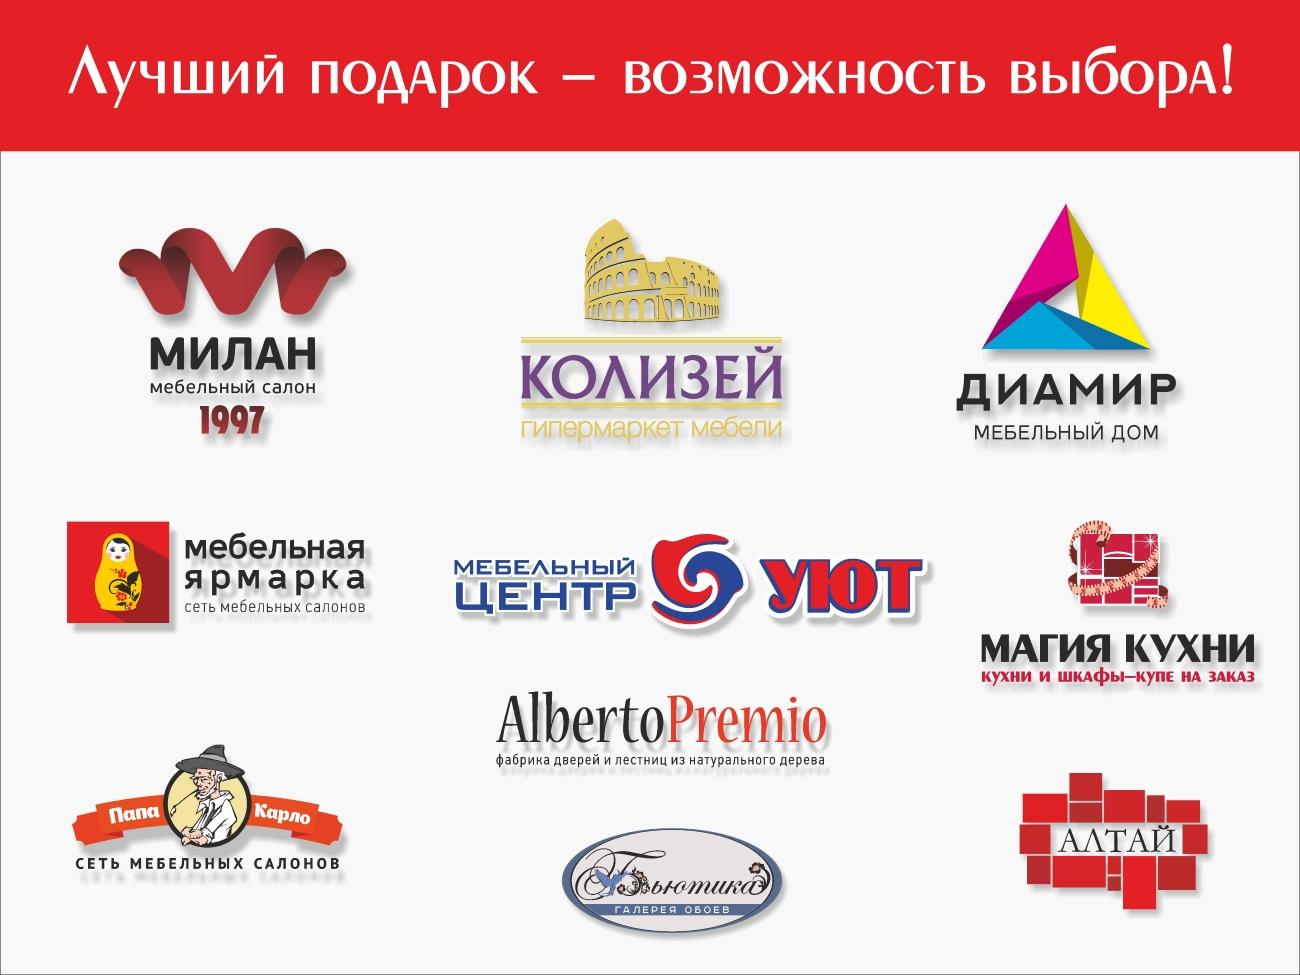 Подарочный сертификат от Мебельного дома Диамир Калининград